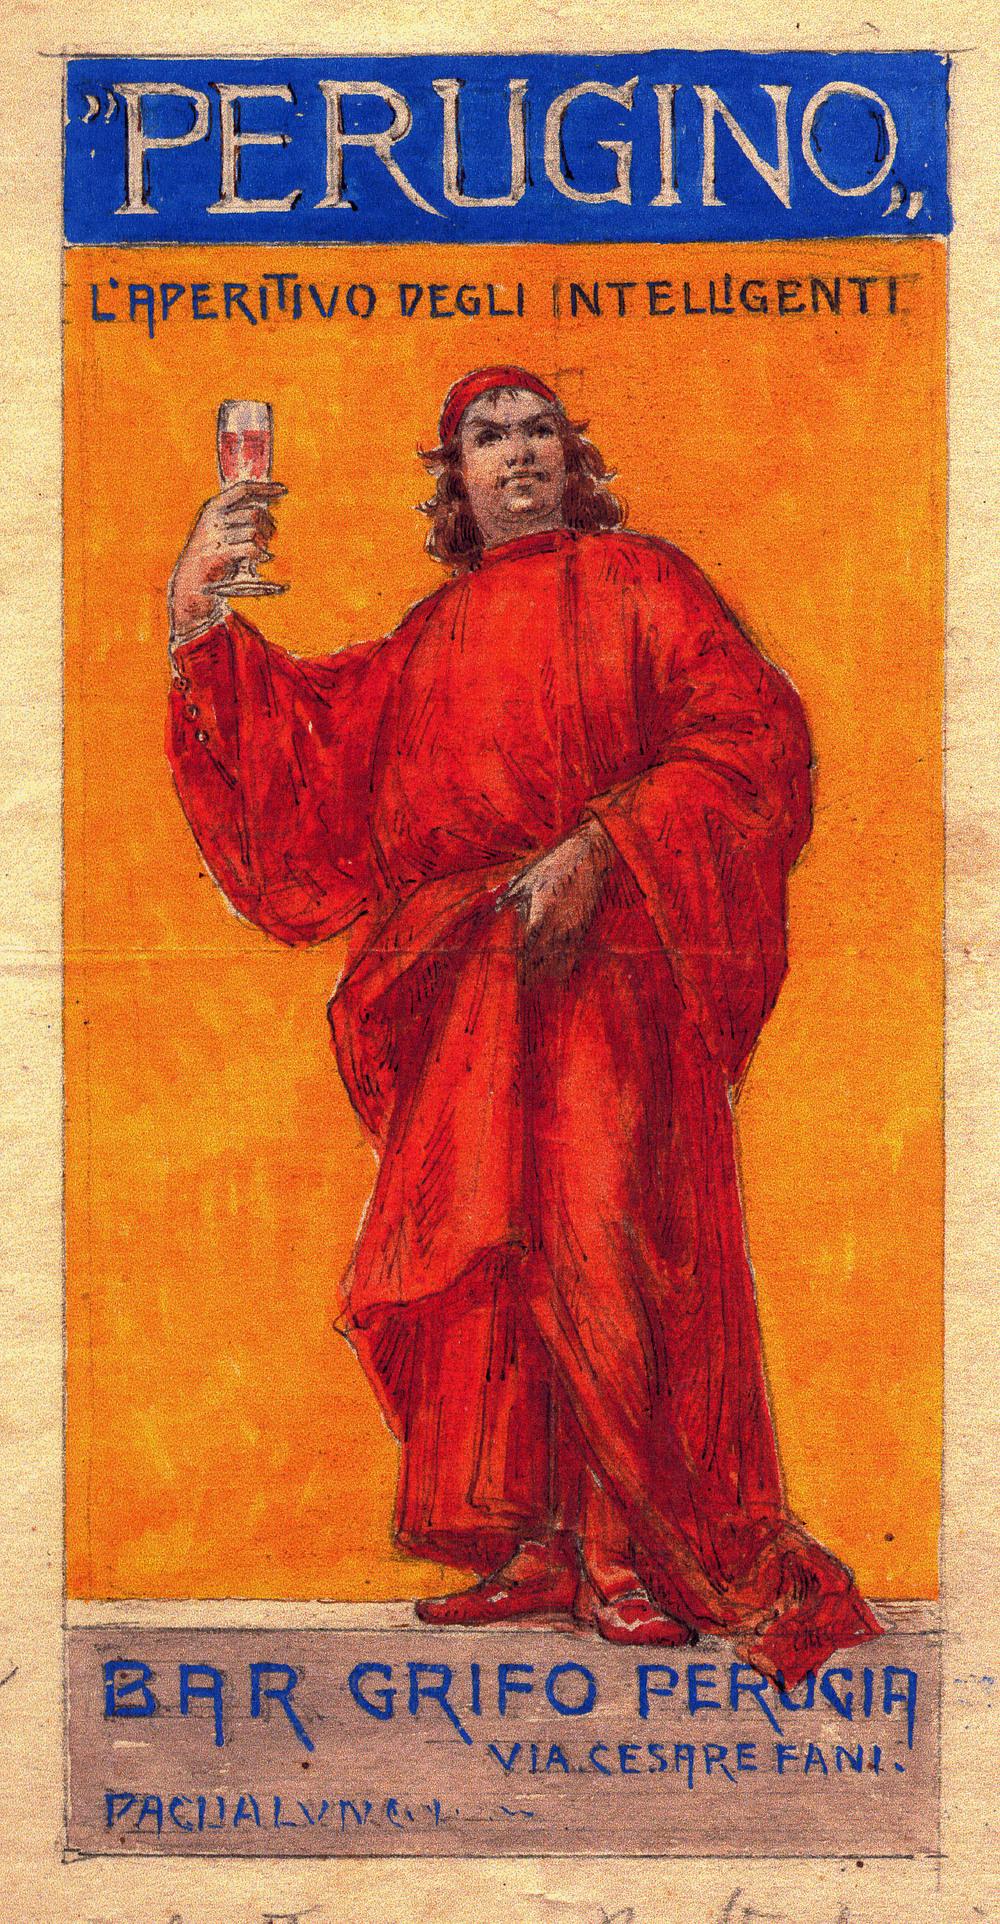 127_19_Perugino_logo.jpg